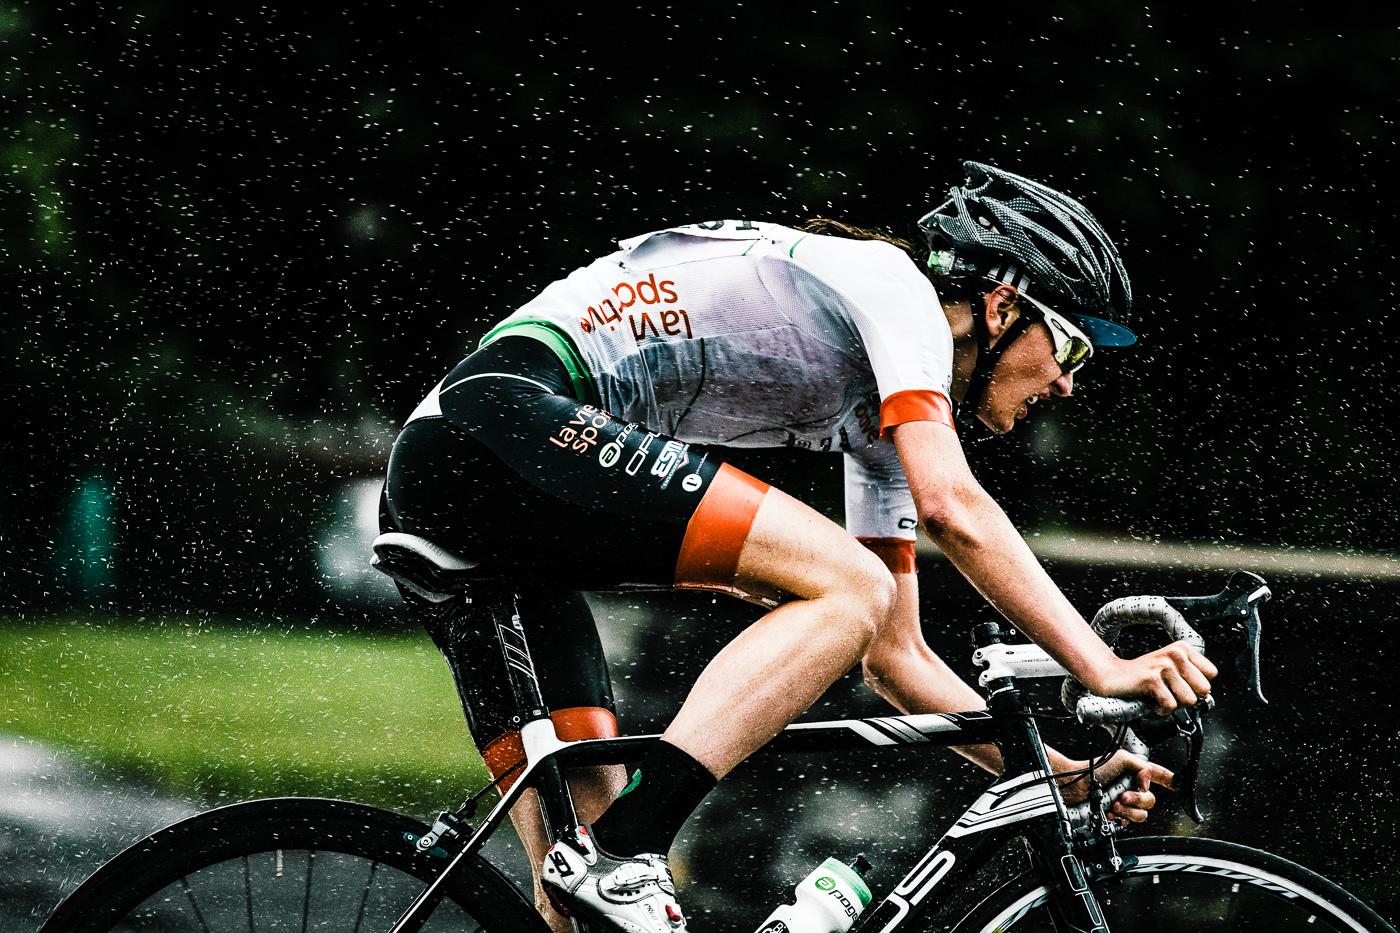 Vélos Opus Bike performance sur la route avec coursseur